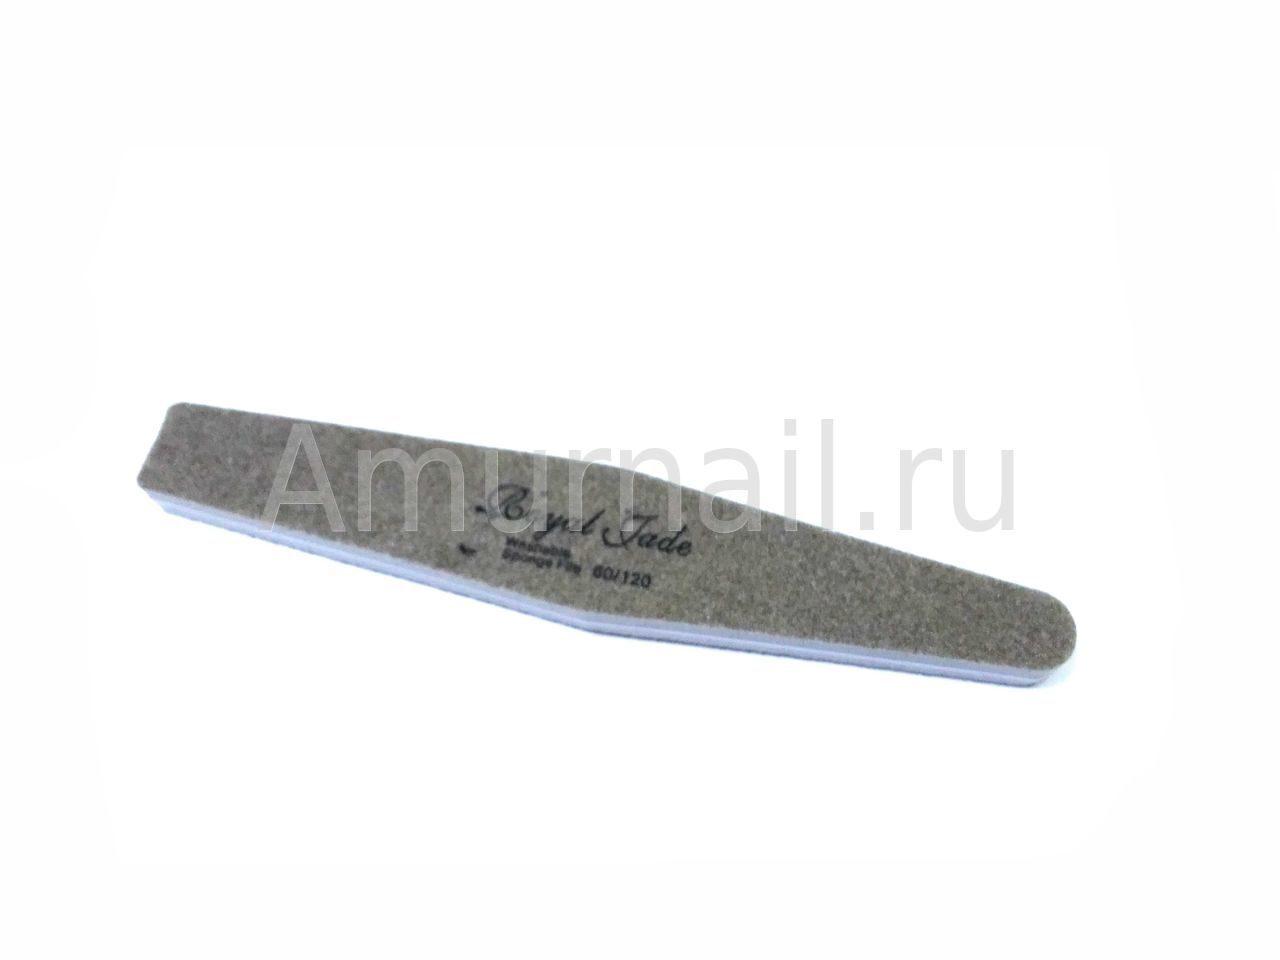 Пилки для ногтей купить в Киеве Пилочка для ногтей (маникюра)